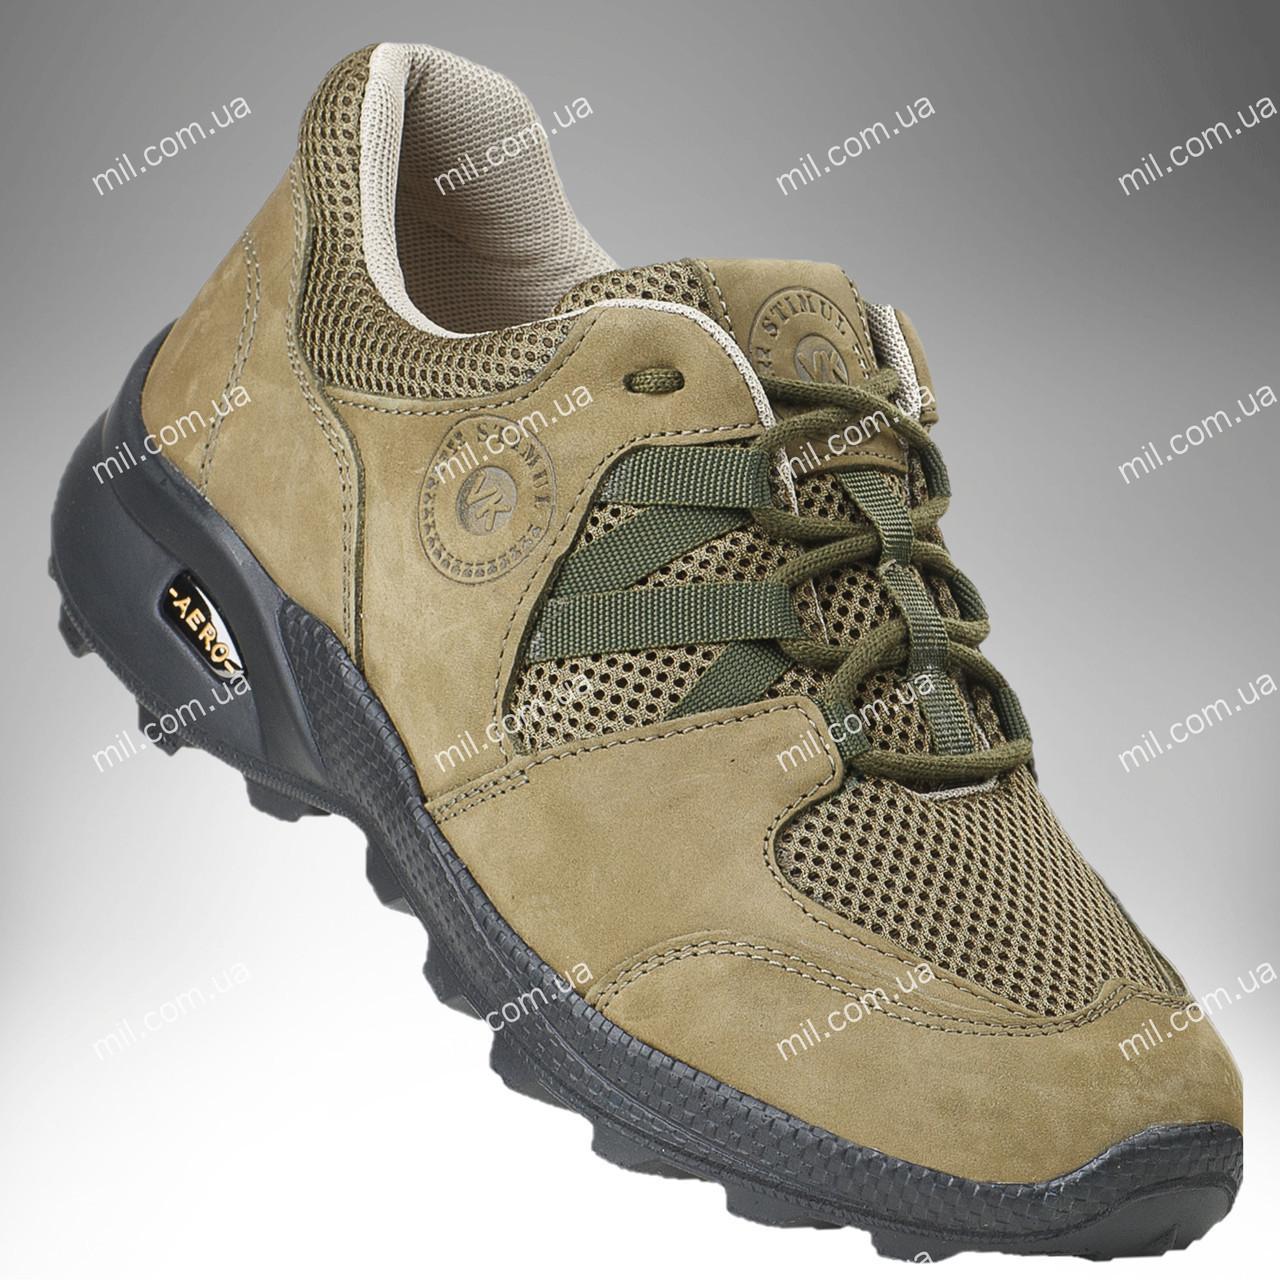 Тактические кроссовки на лето / треккинговая военная обувь, армейская спецобувь PEGASUS (хаки)